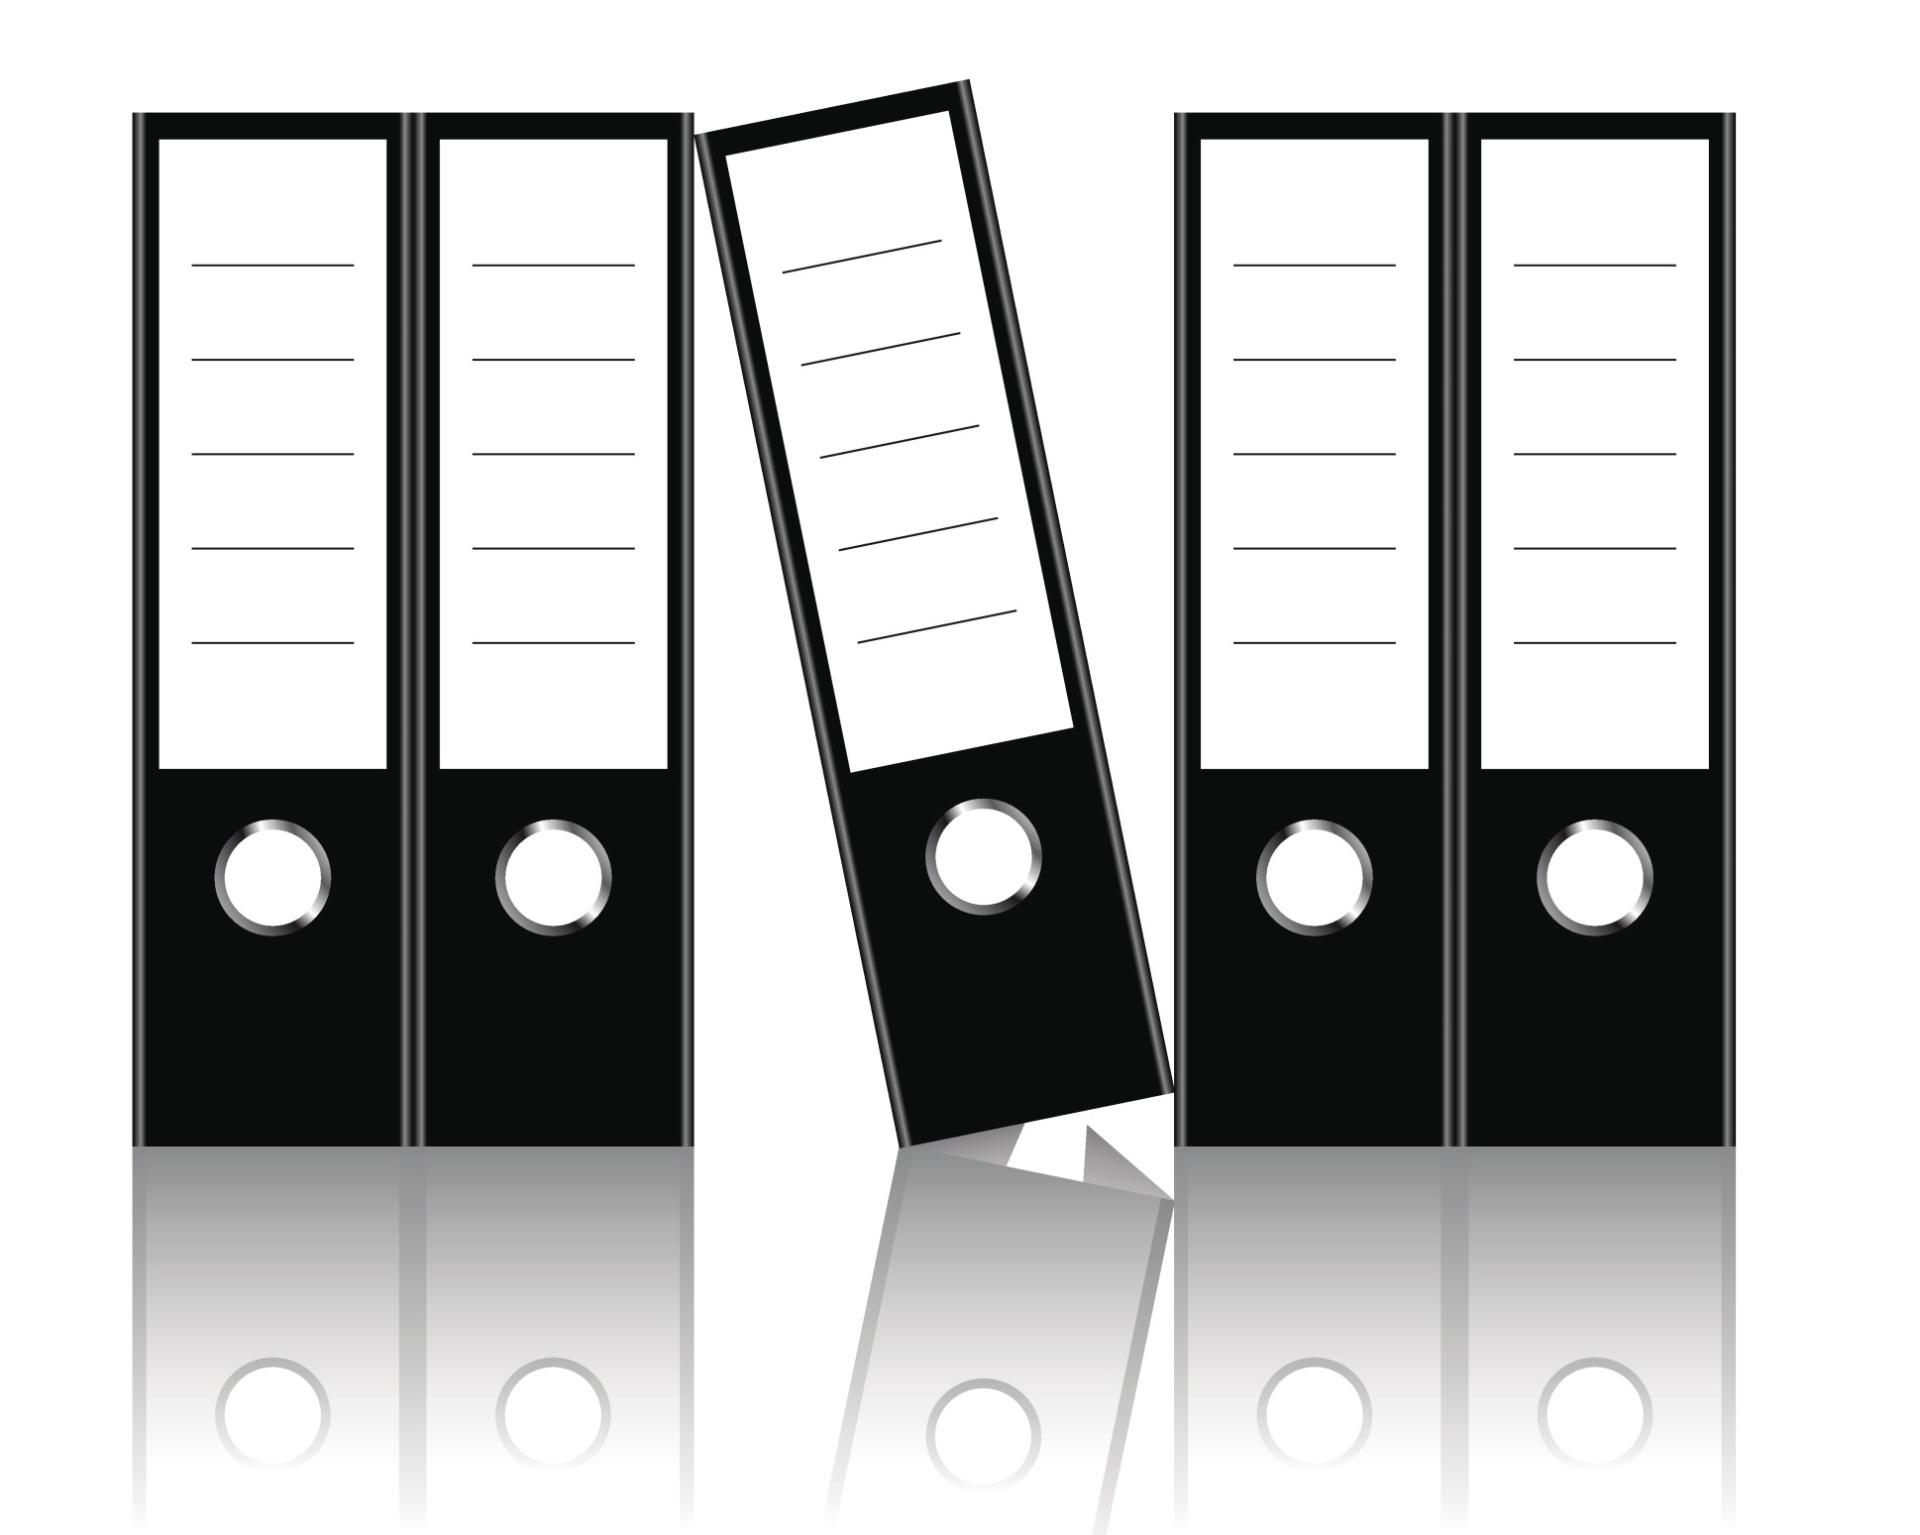 Pastas Leitz - Foi em 1896 que o designer Louis Leitz apresentou ao mundo um sistema de arquivos com presilhas em forma de alavancas que revolucionou a forma de se armazenar documentos. Os fichários possuem orifícios que facilitam o acesso, tem tamanho padrão e locais para a identificação do conteúdo nas lombadas